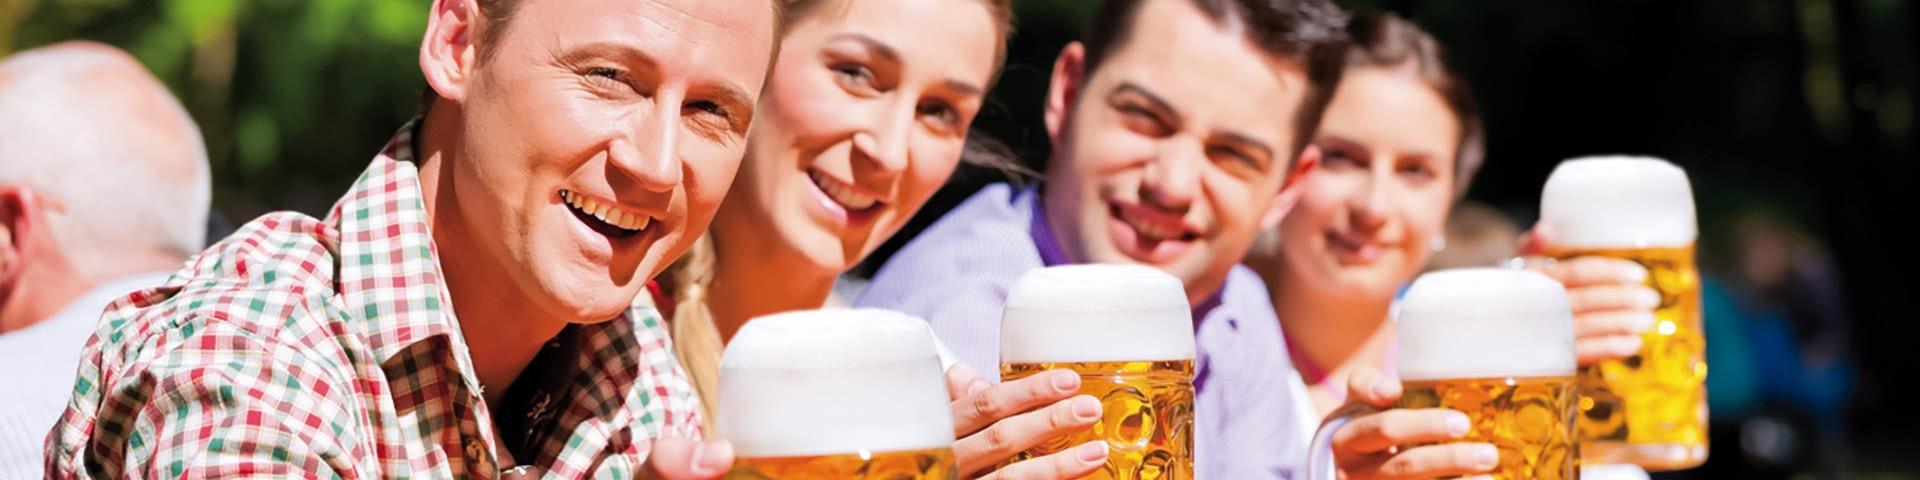 Gruppe sitzt in einem Bergarten in Kulmbach und trinkt BIer